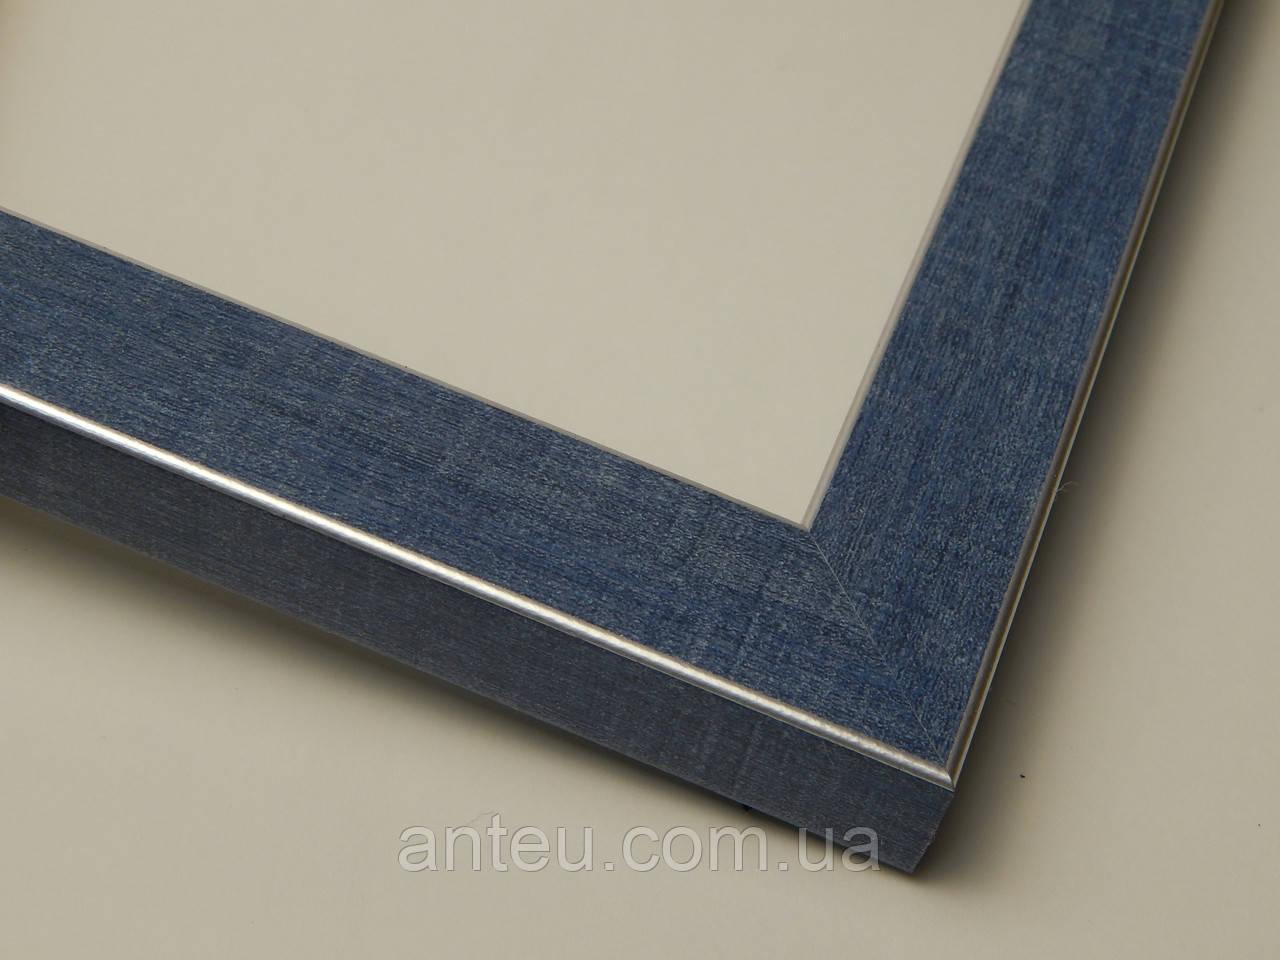 Рамка А2(420х594).Для картин,плакатов,фото...22 мм.Синий